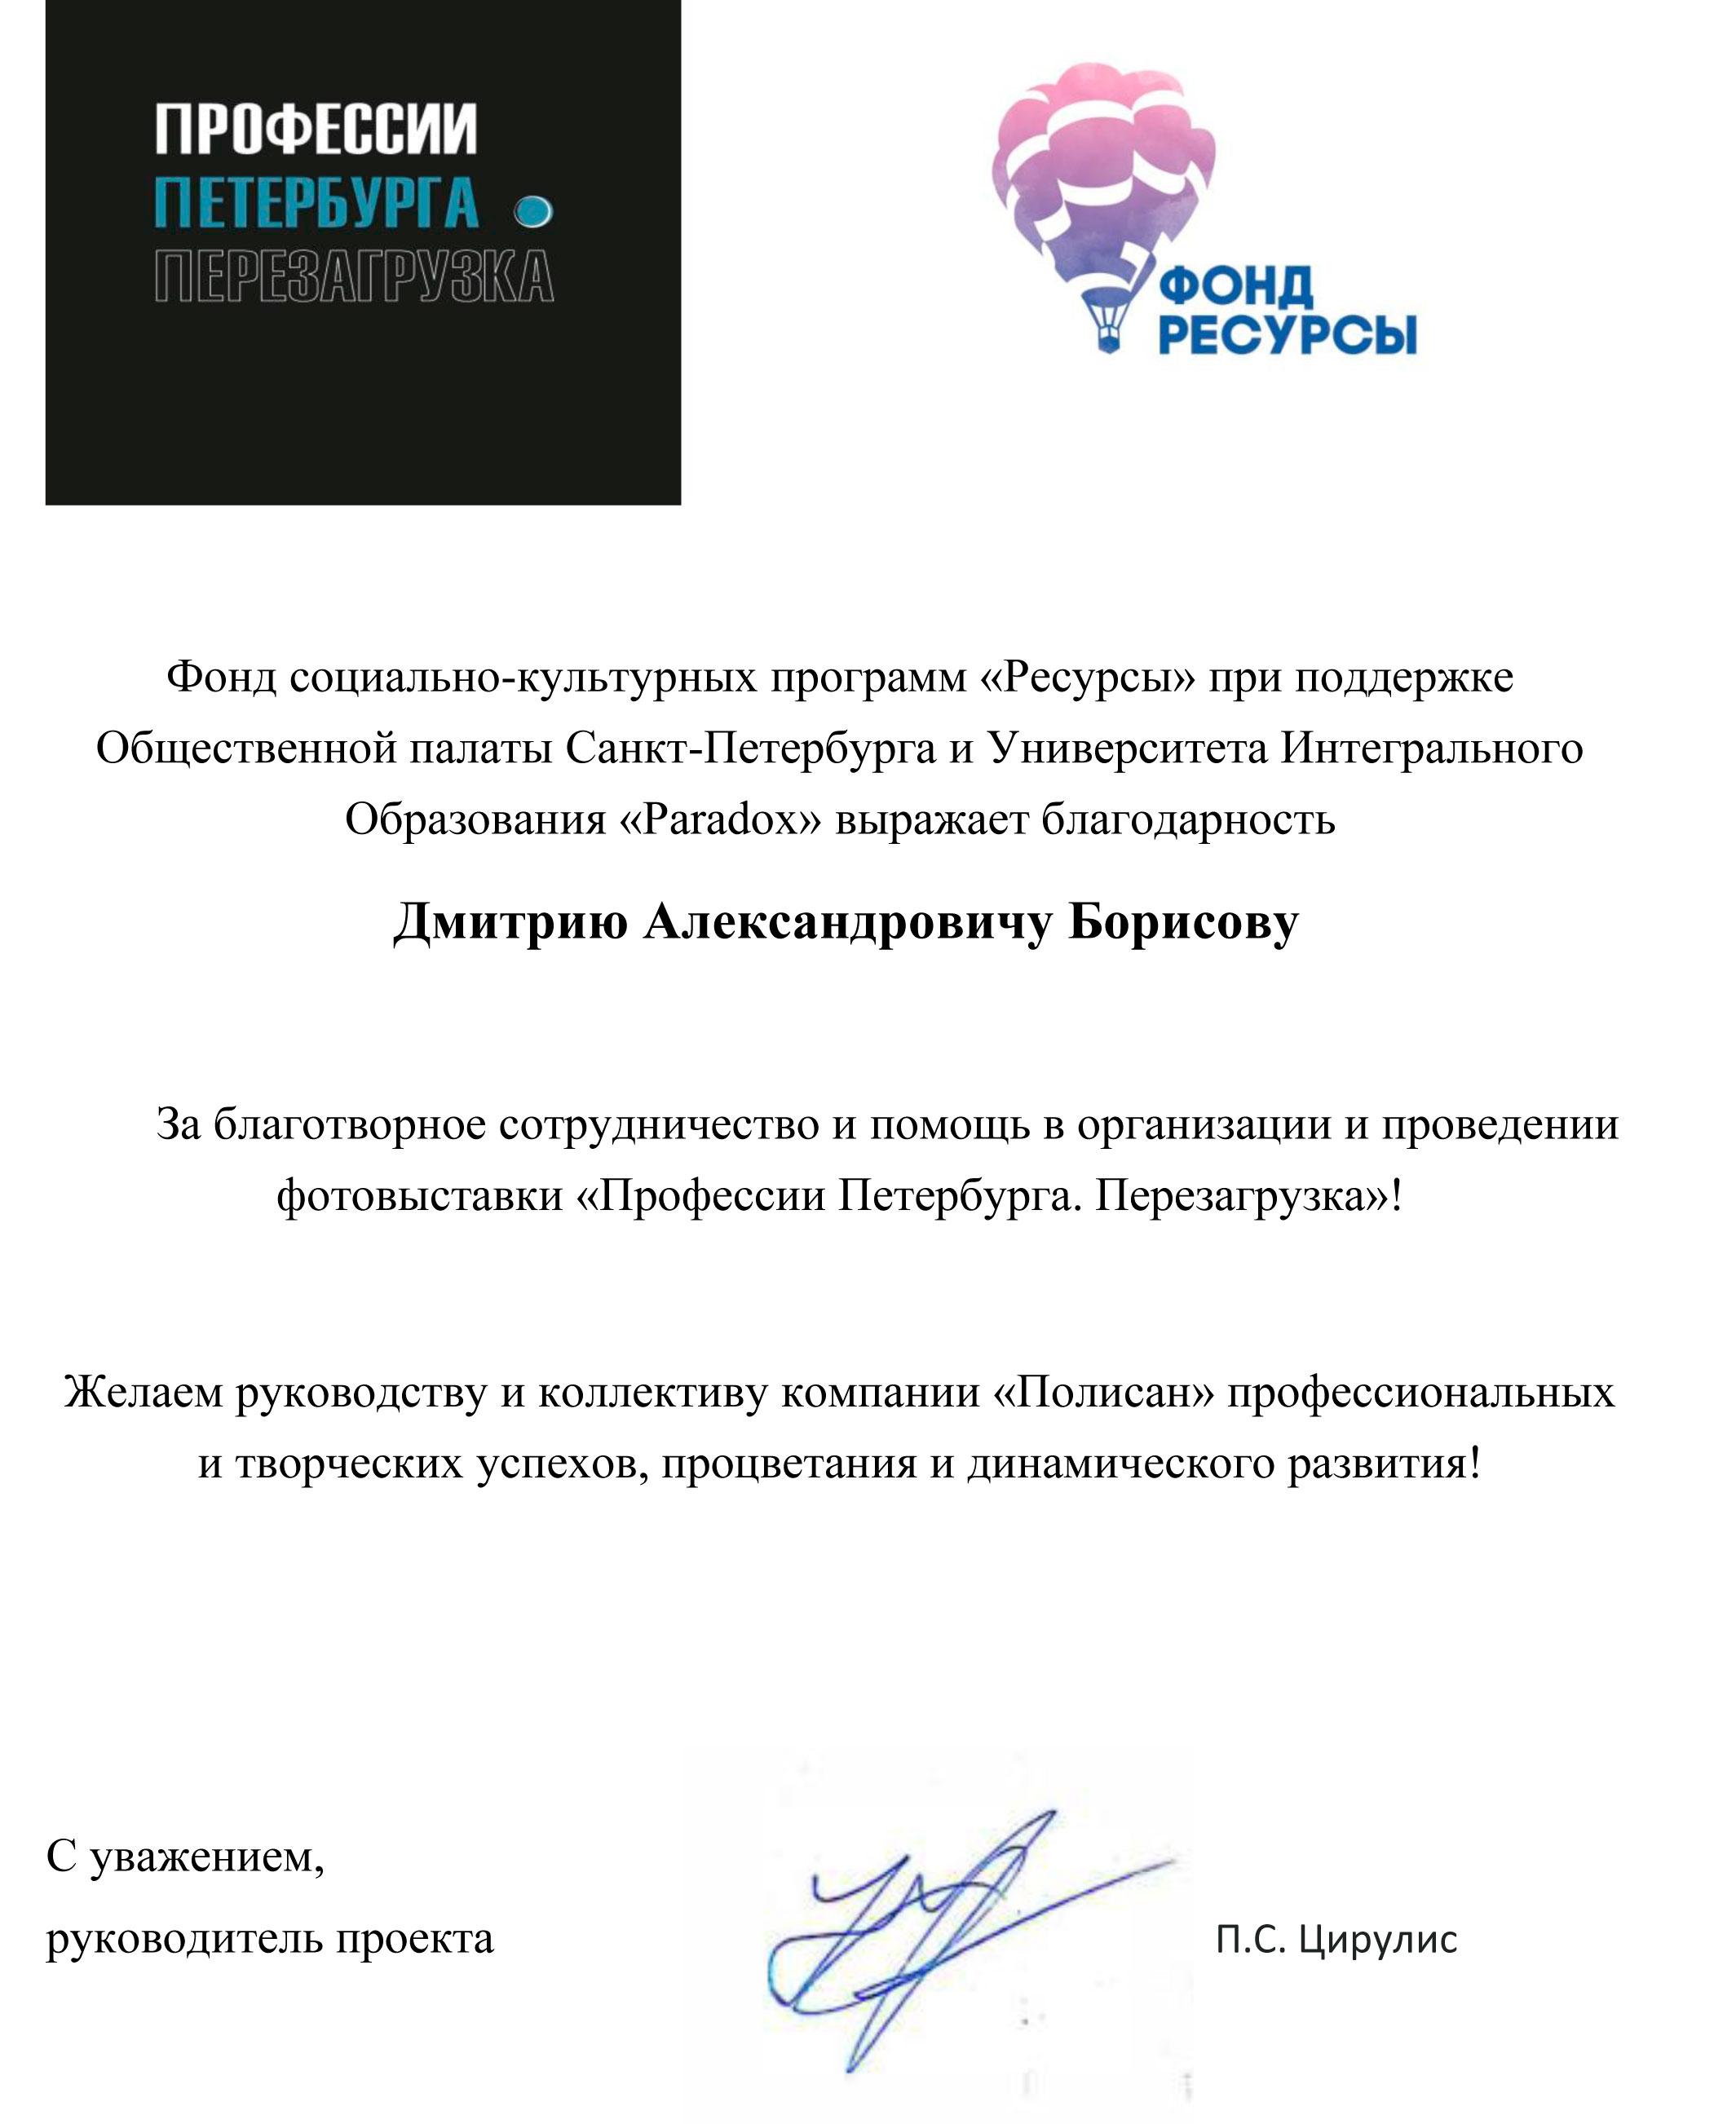 ПОЛИСАН поддержал проект  «ПРОФЕССИИ ПЕТЕРБУРГА. ПЕРЕЗАГРУЗКА»